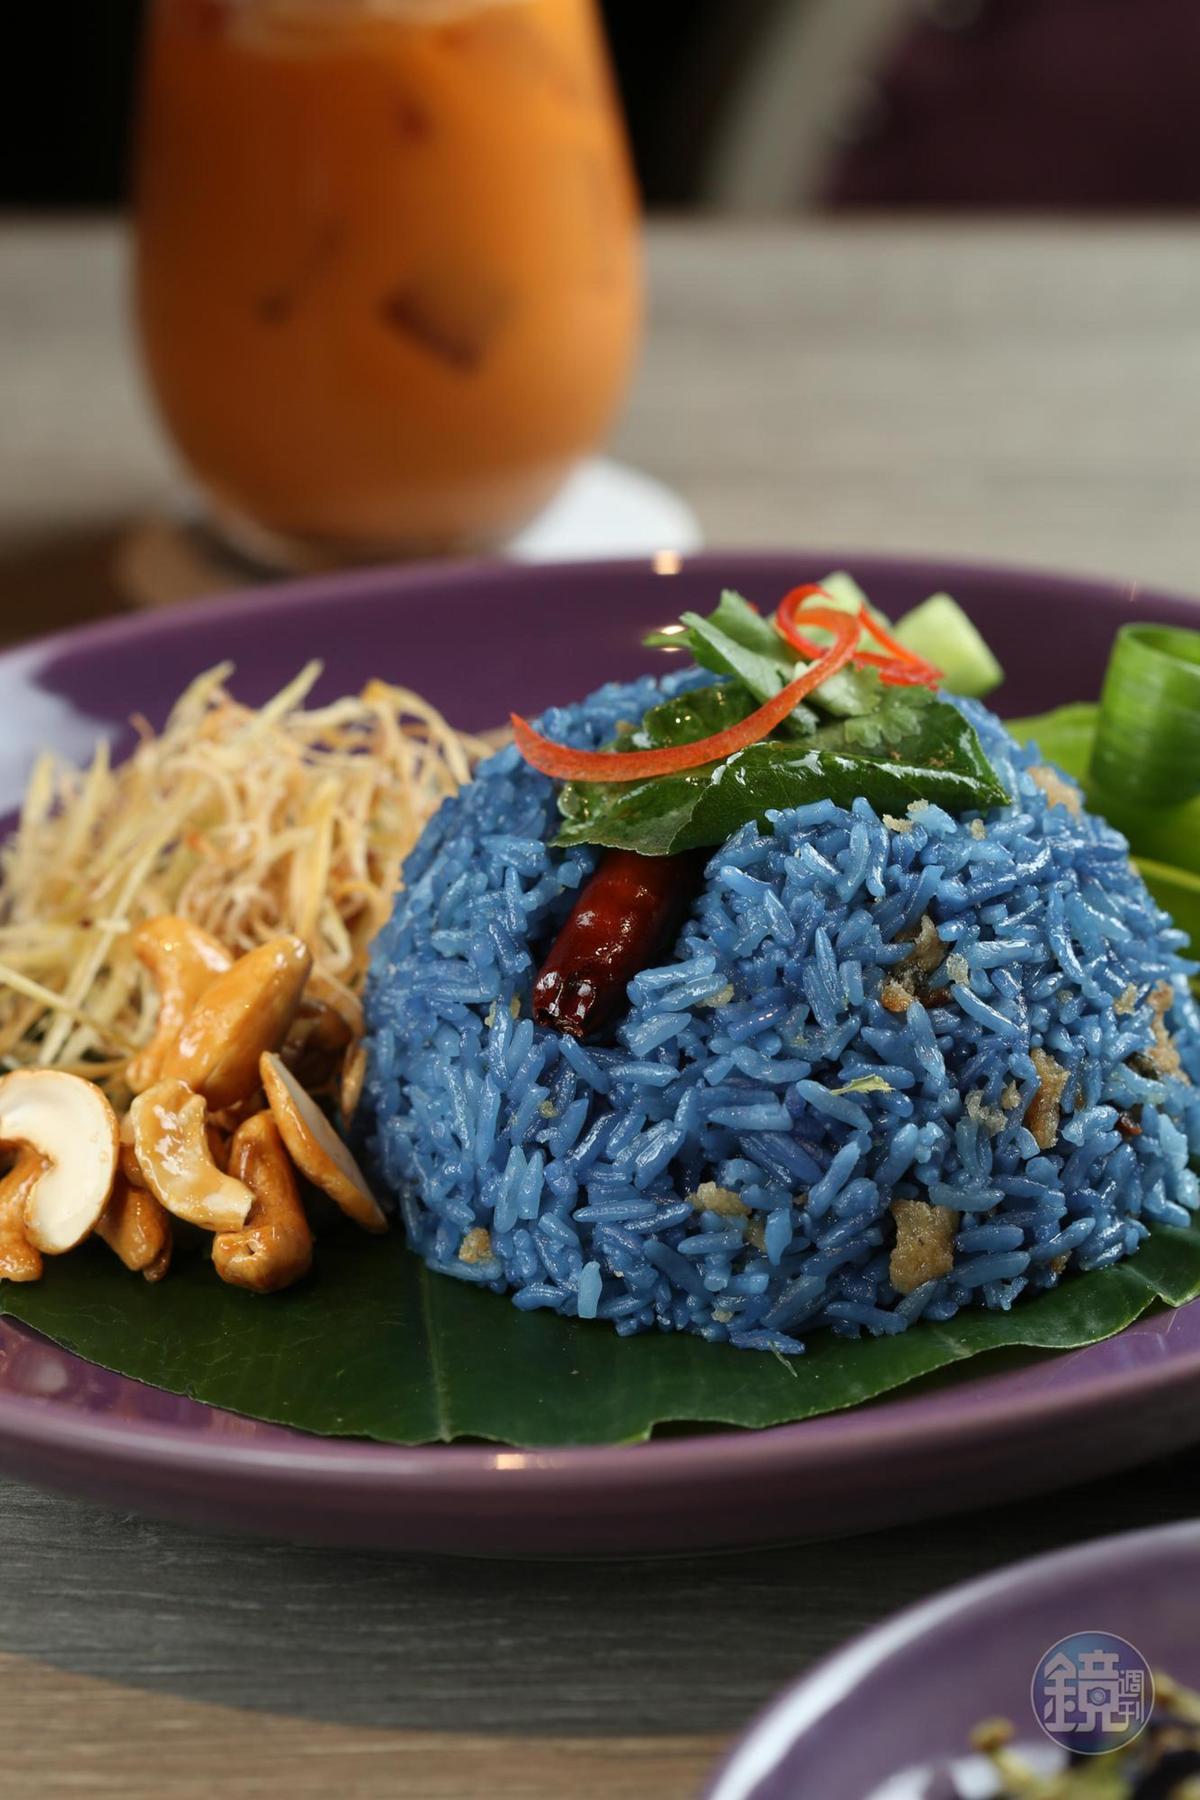 「蝶豆花香飯」用泰國進口的乾燥蝶豆花泡水煮飯,拌入香油,味道類似熟悉的油飯。(200元/份)